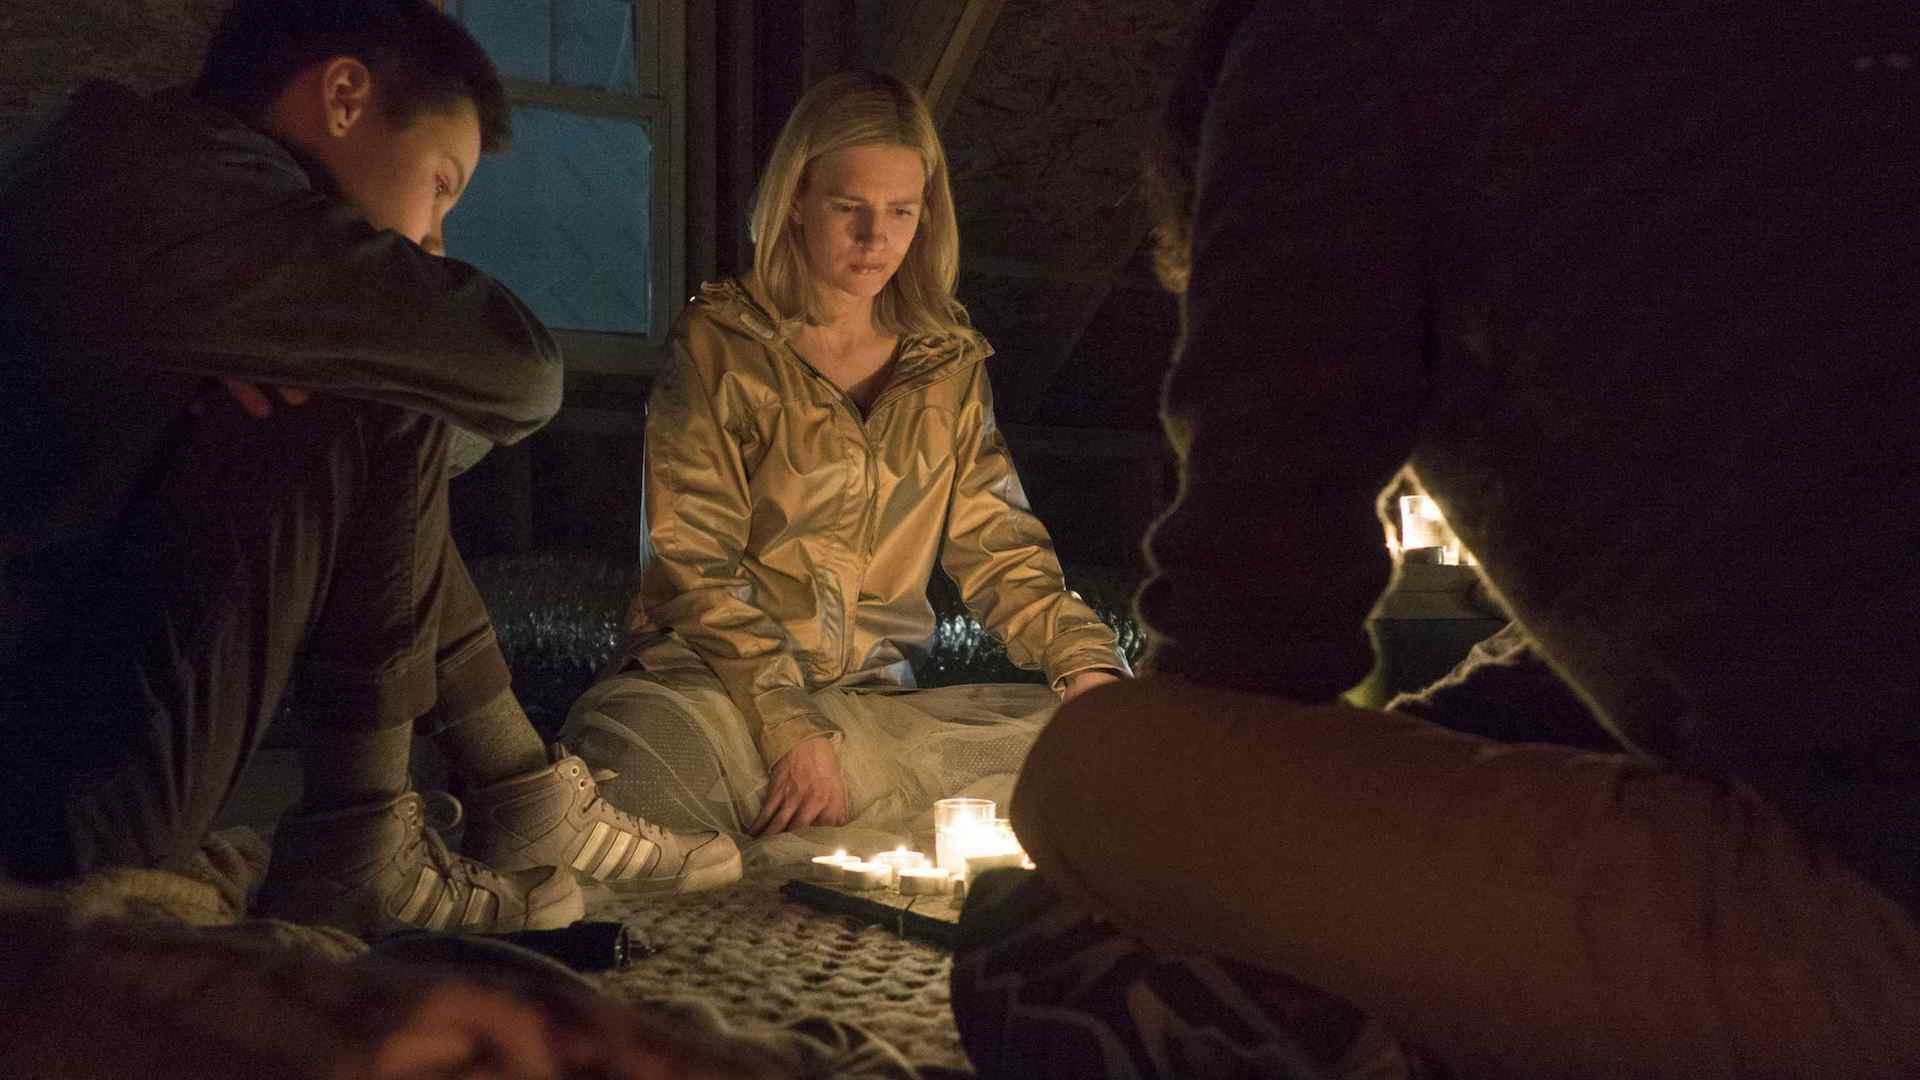 [Crítica] The OA: la nueva serie de Netflix con algunos guiños a Stranger Things